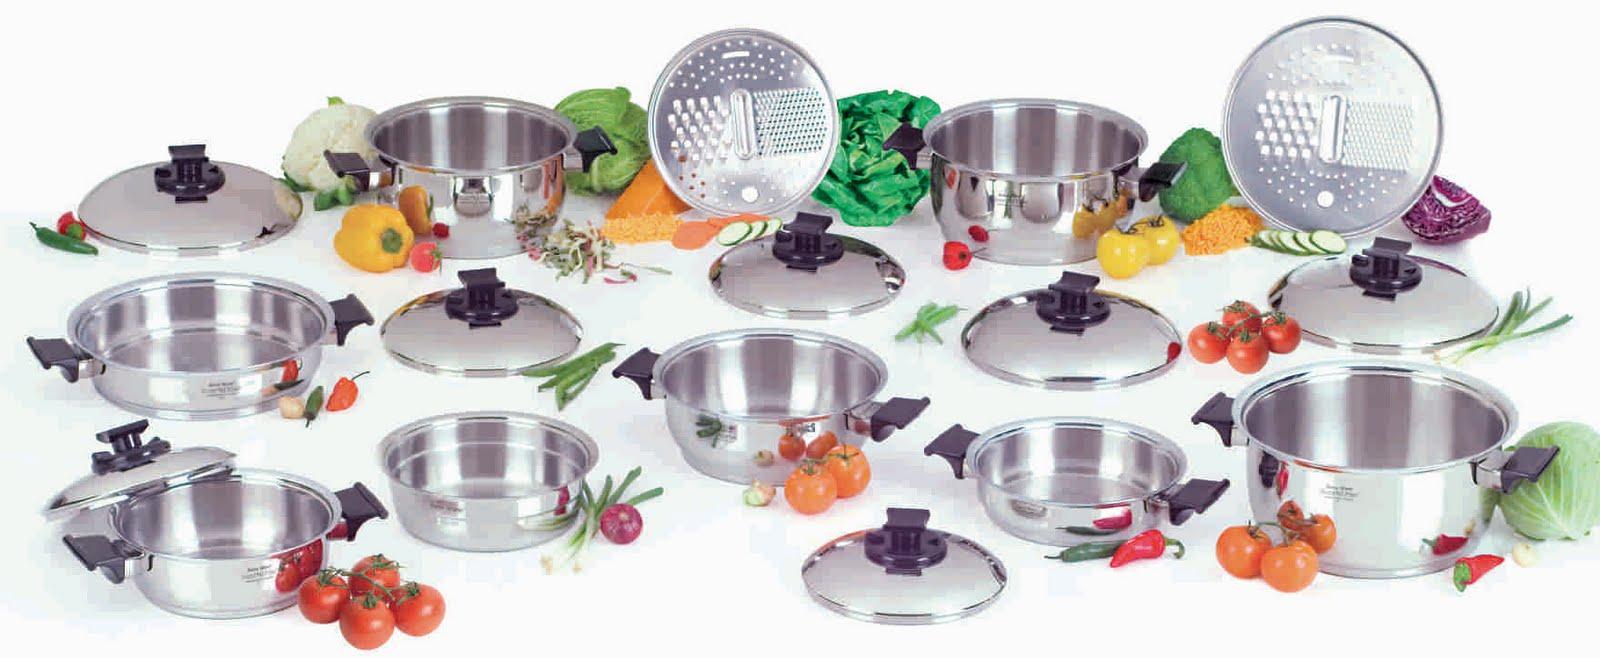 Cocine alimentos saludables nuestros famosos productos for Utensilios de cocina gourmet